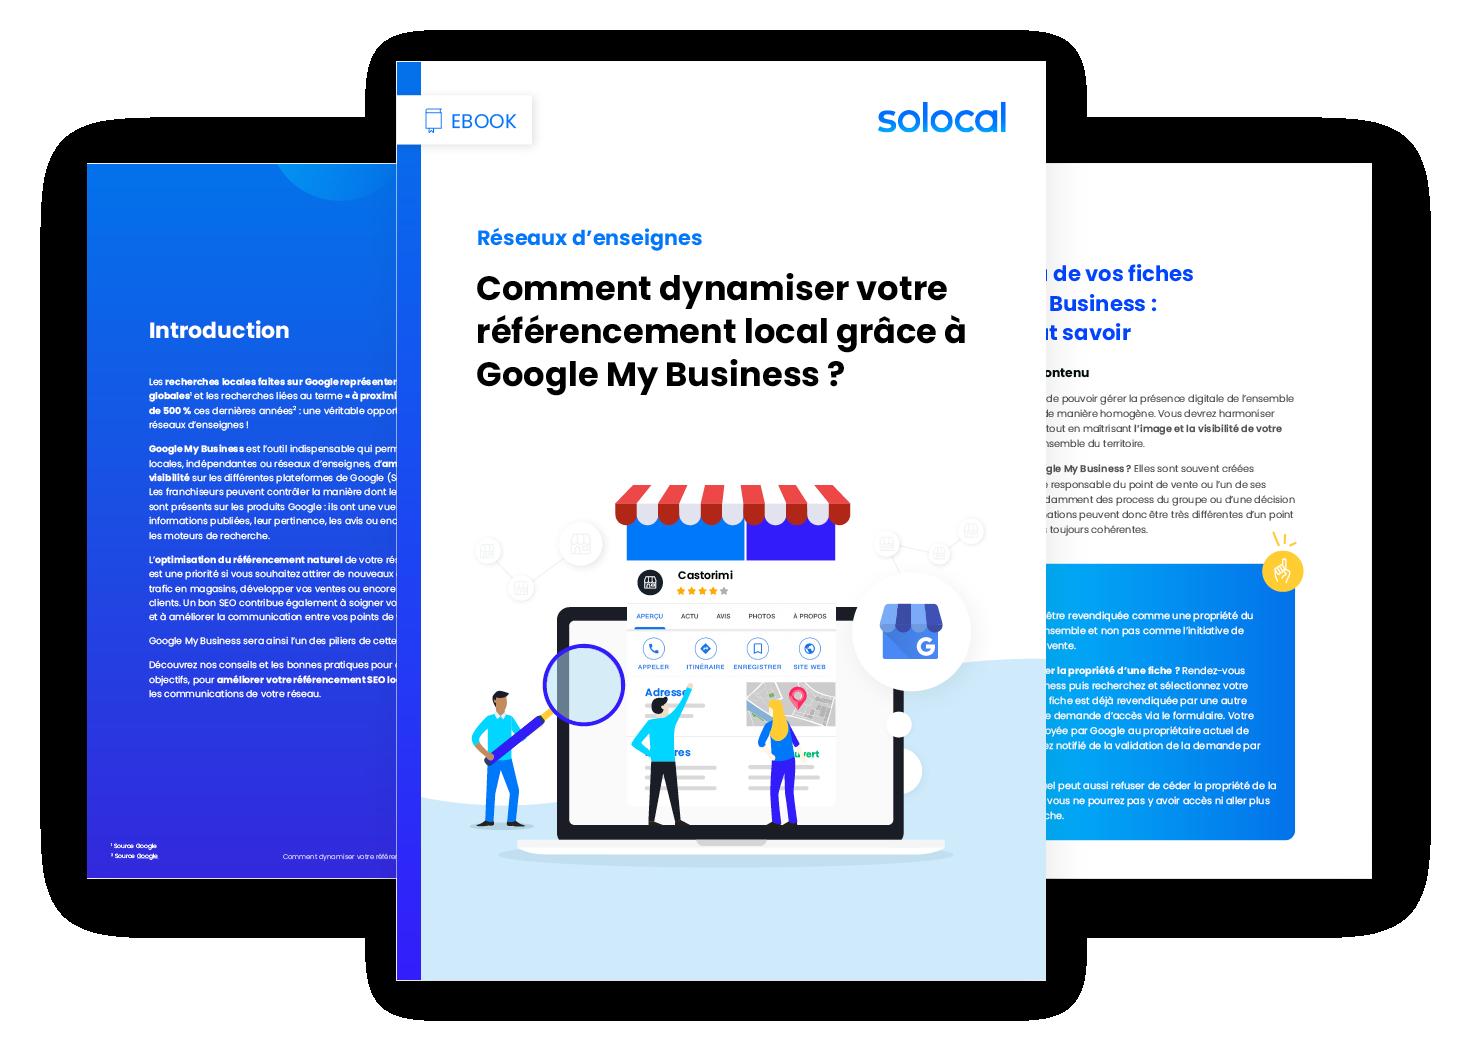 Téléchargez le ebook Solocal pour optimiser le référencement local de votre réseau d'enseignes